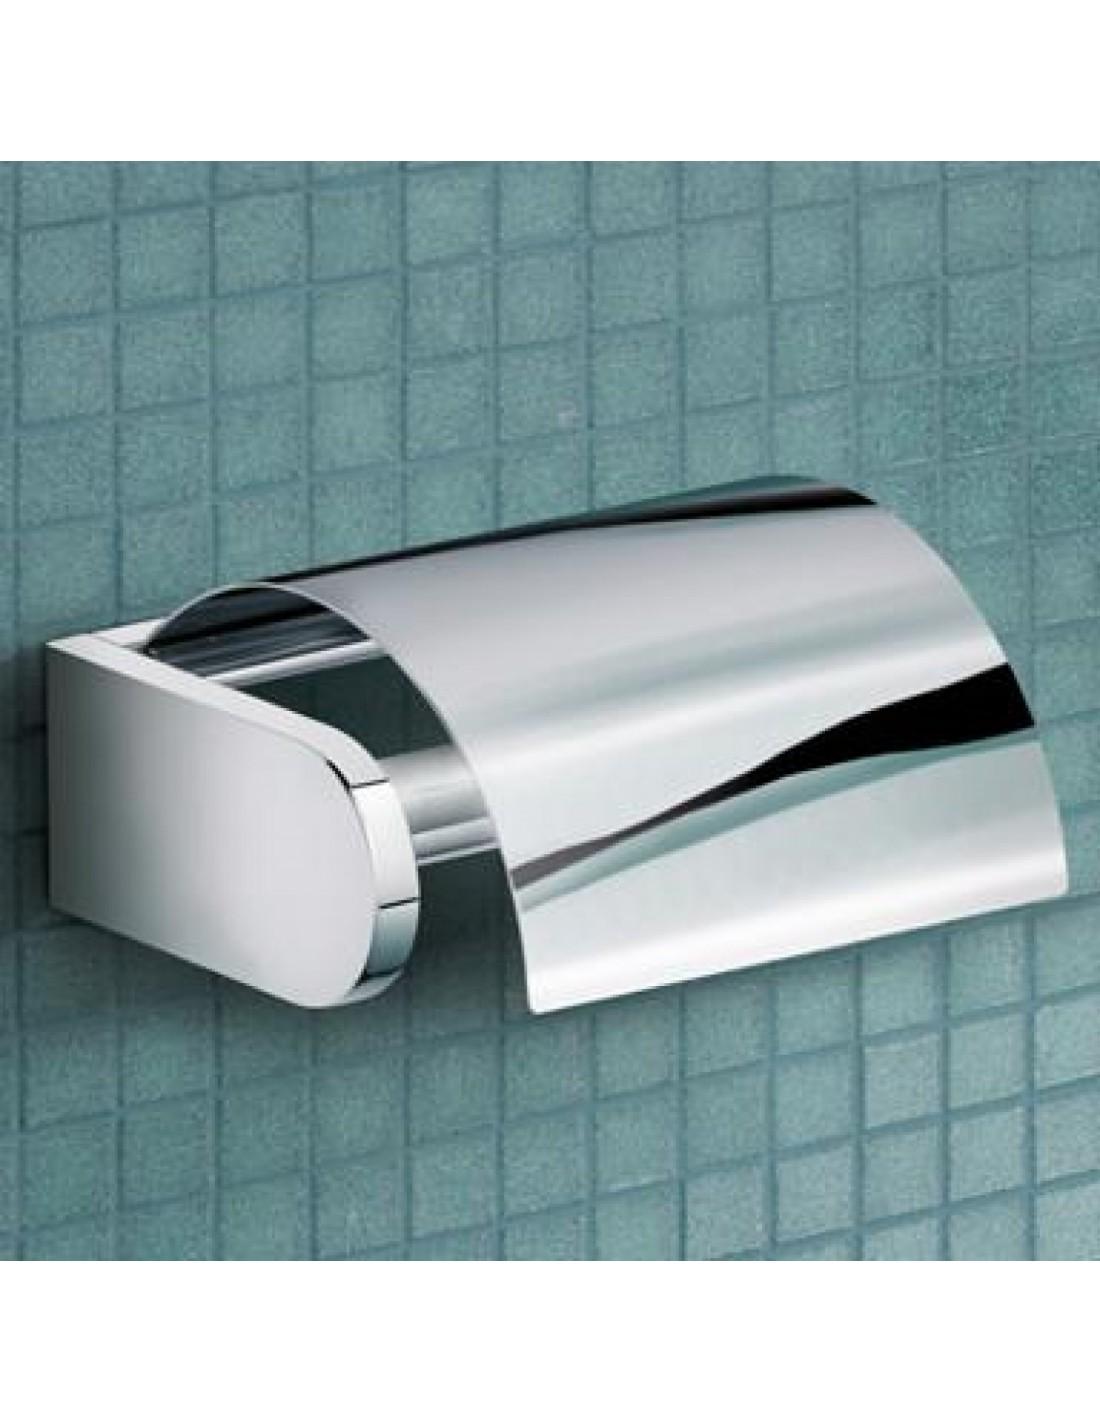 Porte rouleau couvercle edition 300 - Porte rouleau papier toilette design ...